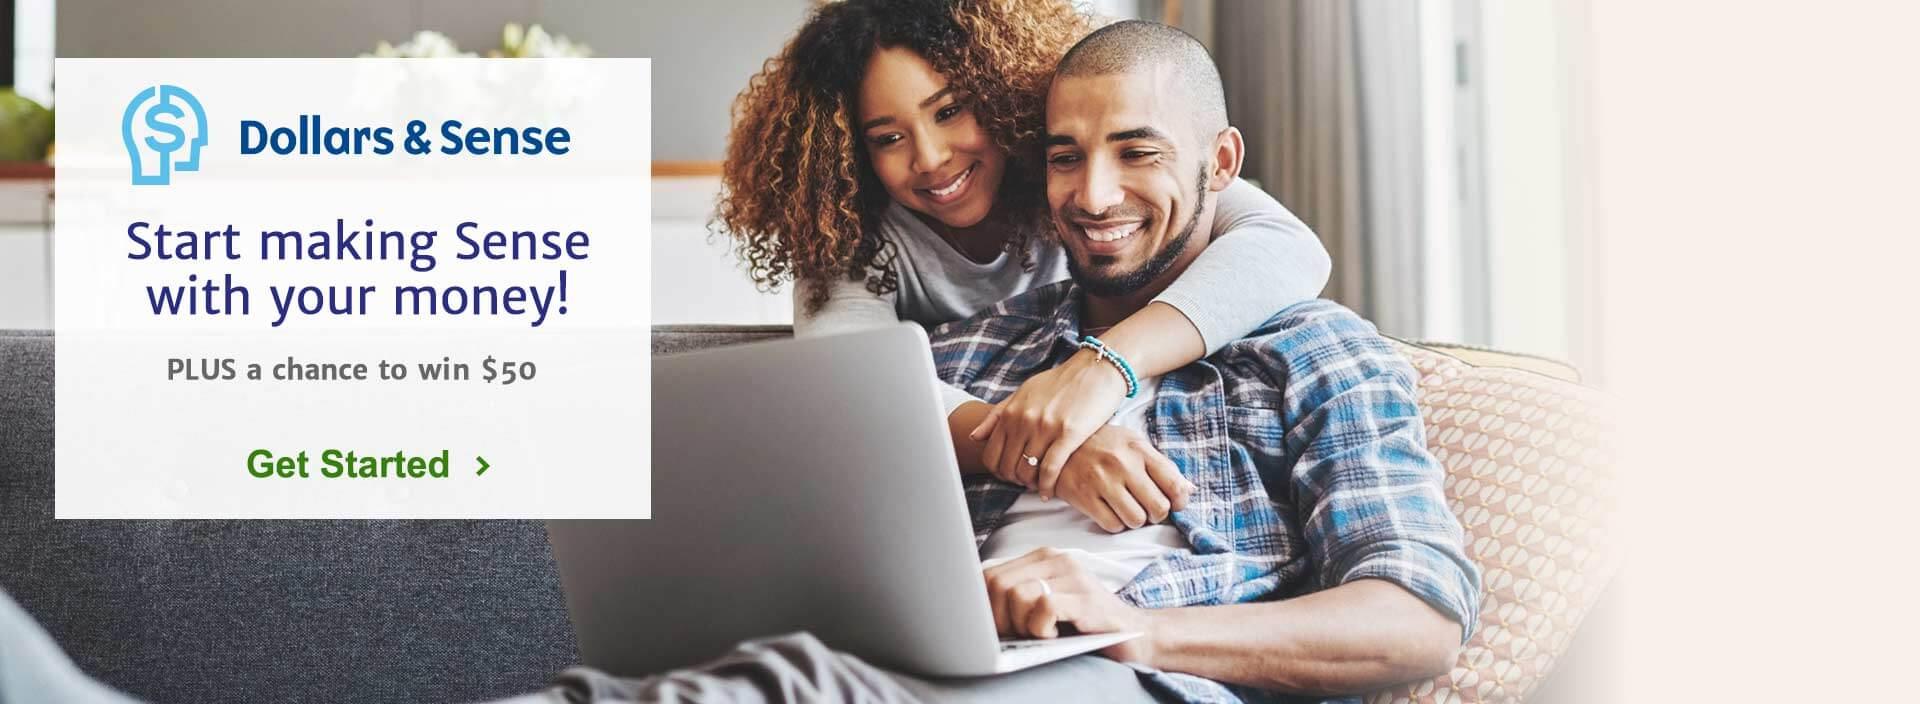 Online dating hitta kärlek